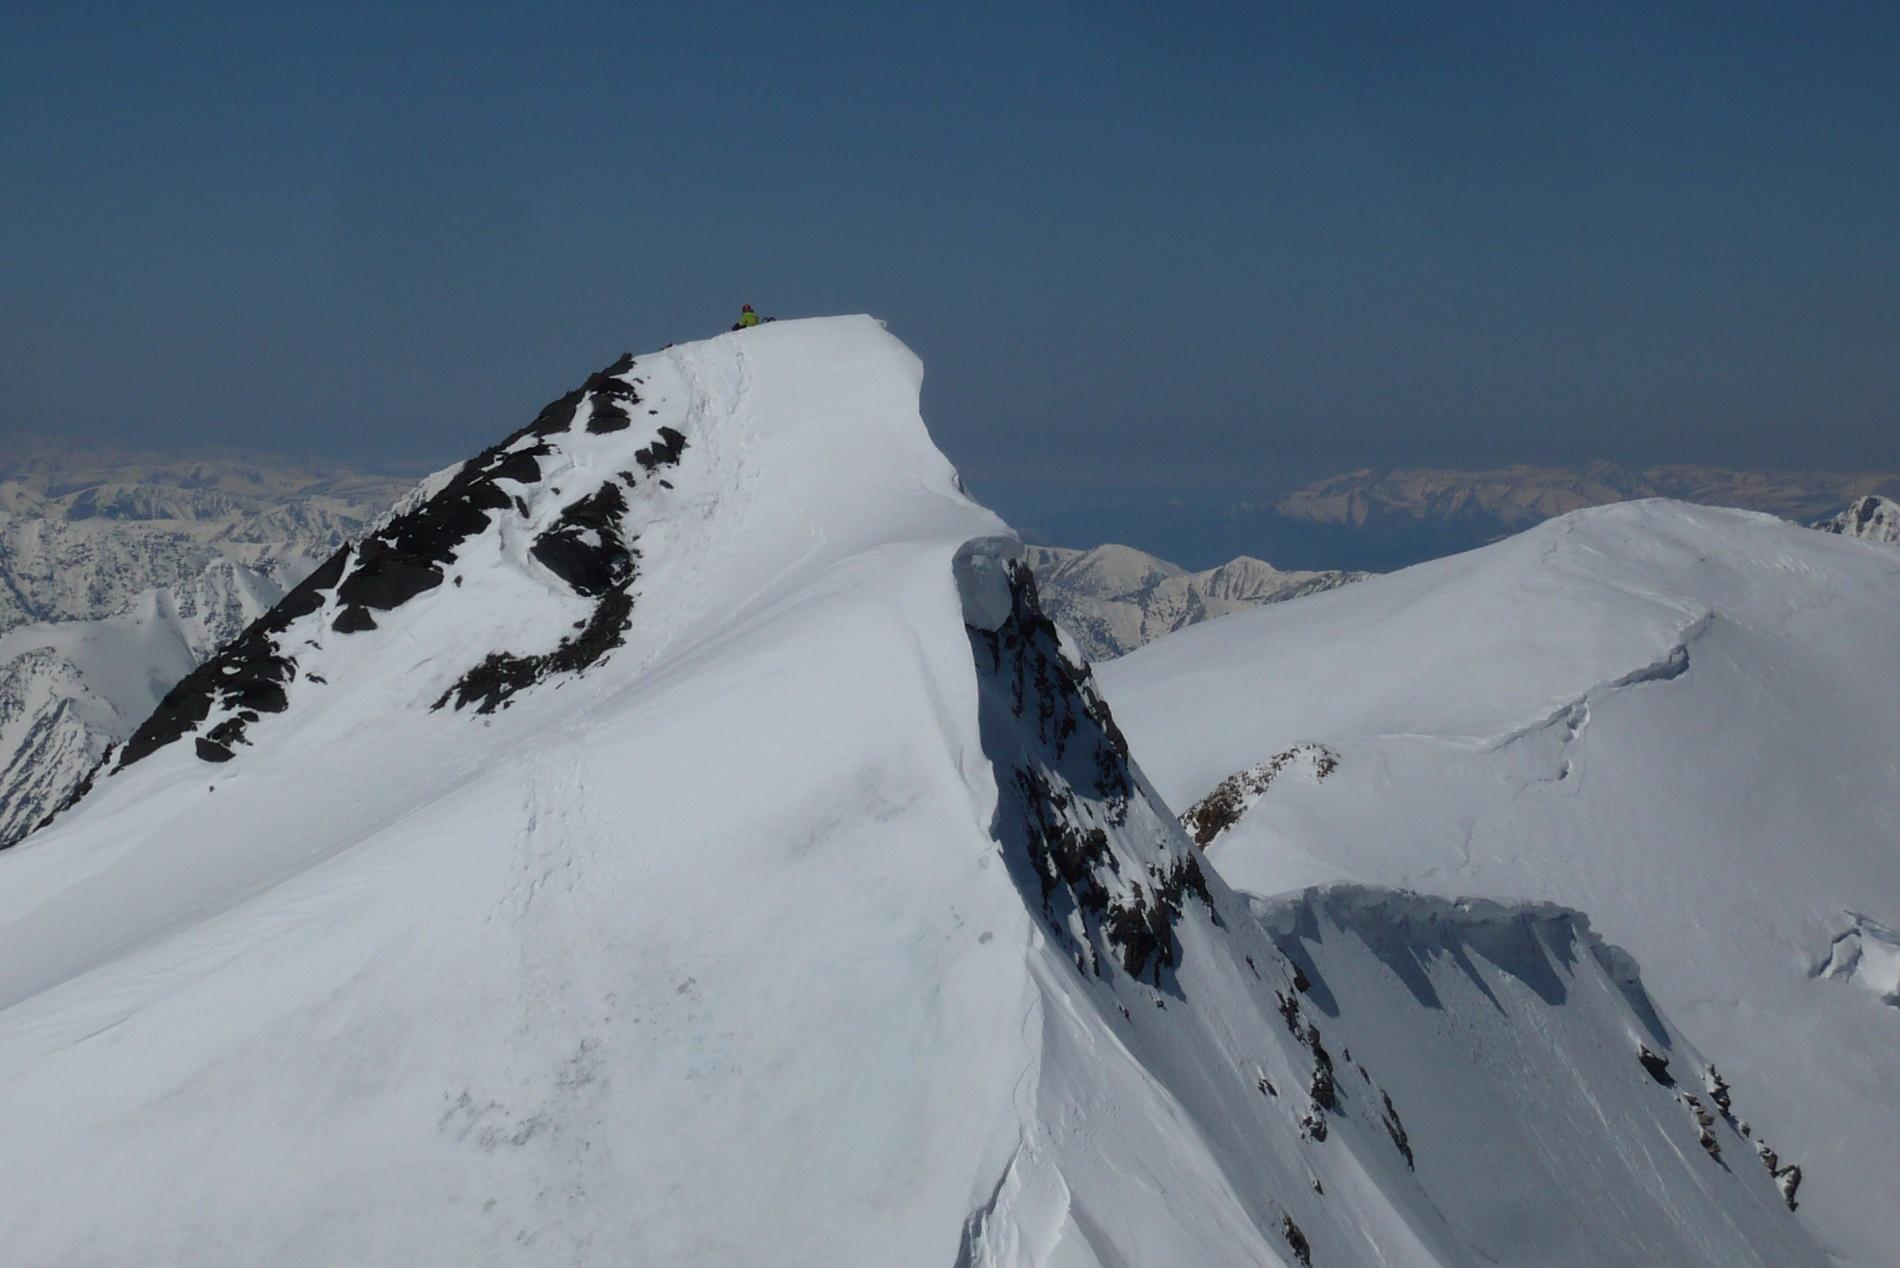 Ключевое место маршрута - небольшой участок открытого льда